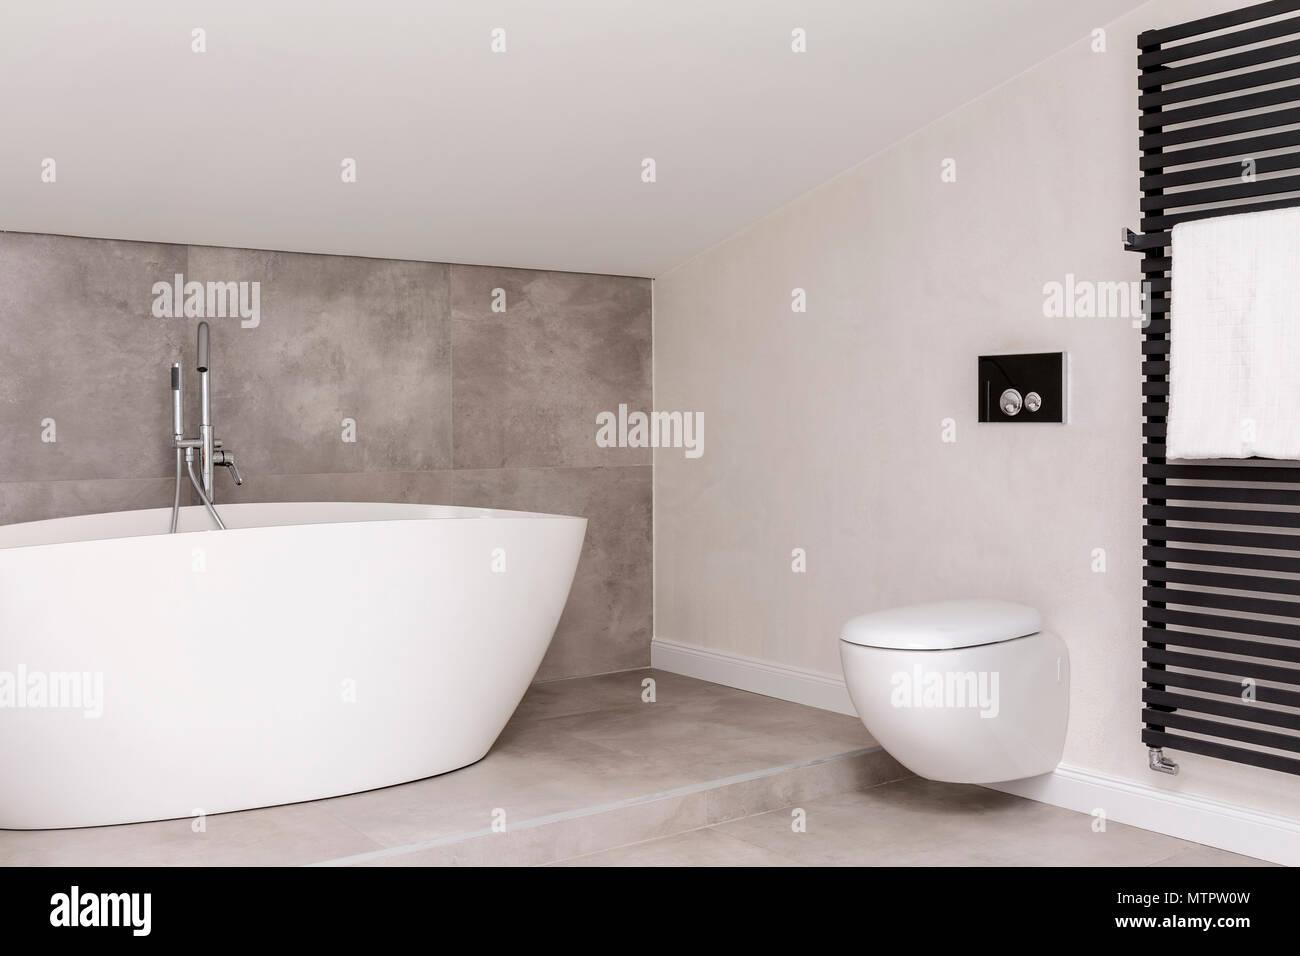 Vasca Da Bagno Semplice : Vasca da bagno bianco contro smalto grigio in semplice bagno con